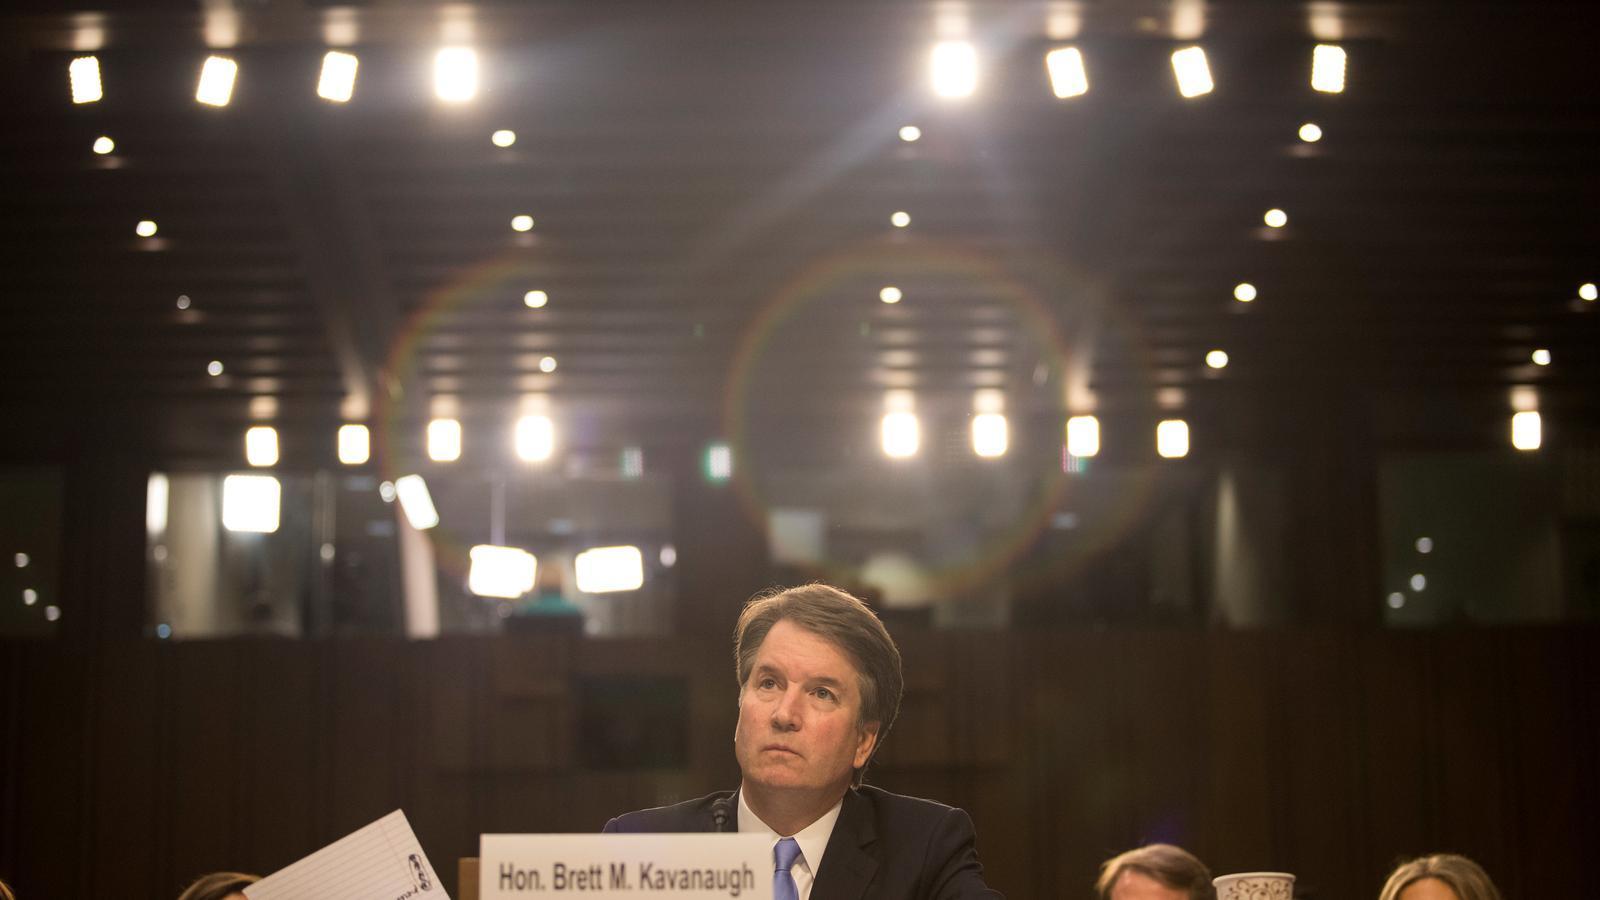 Per què és important l'escàndol sexual de Brett Kavanaugh per al Tribunal Suprem?